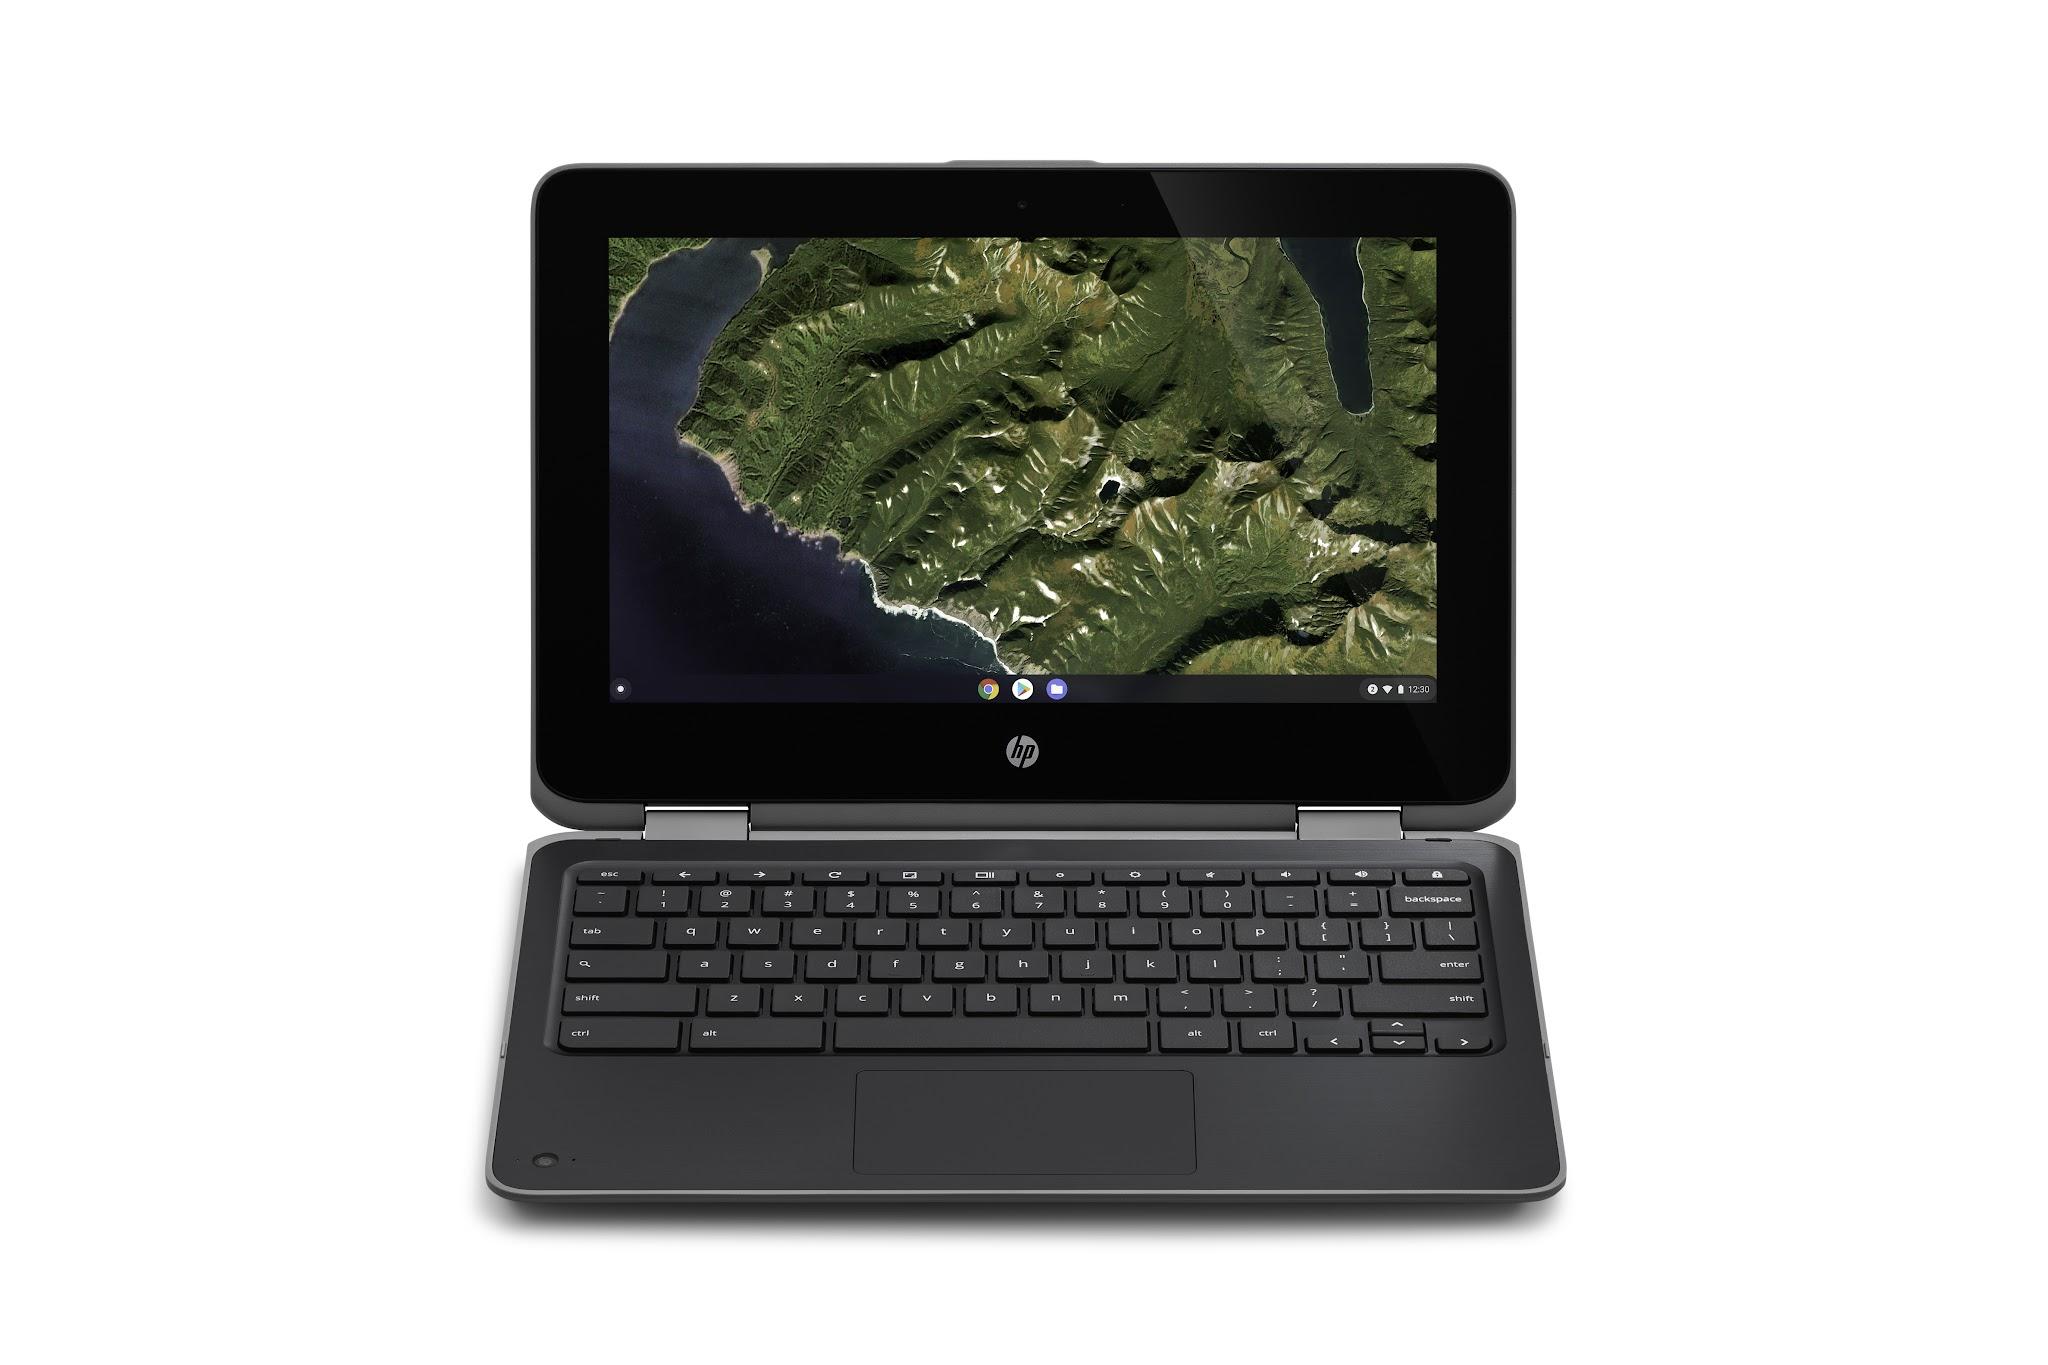 HP Chromebook x360 11 G2 EE - photo 2